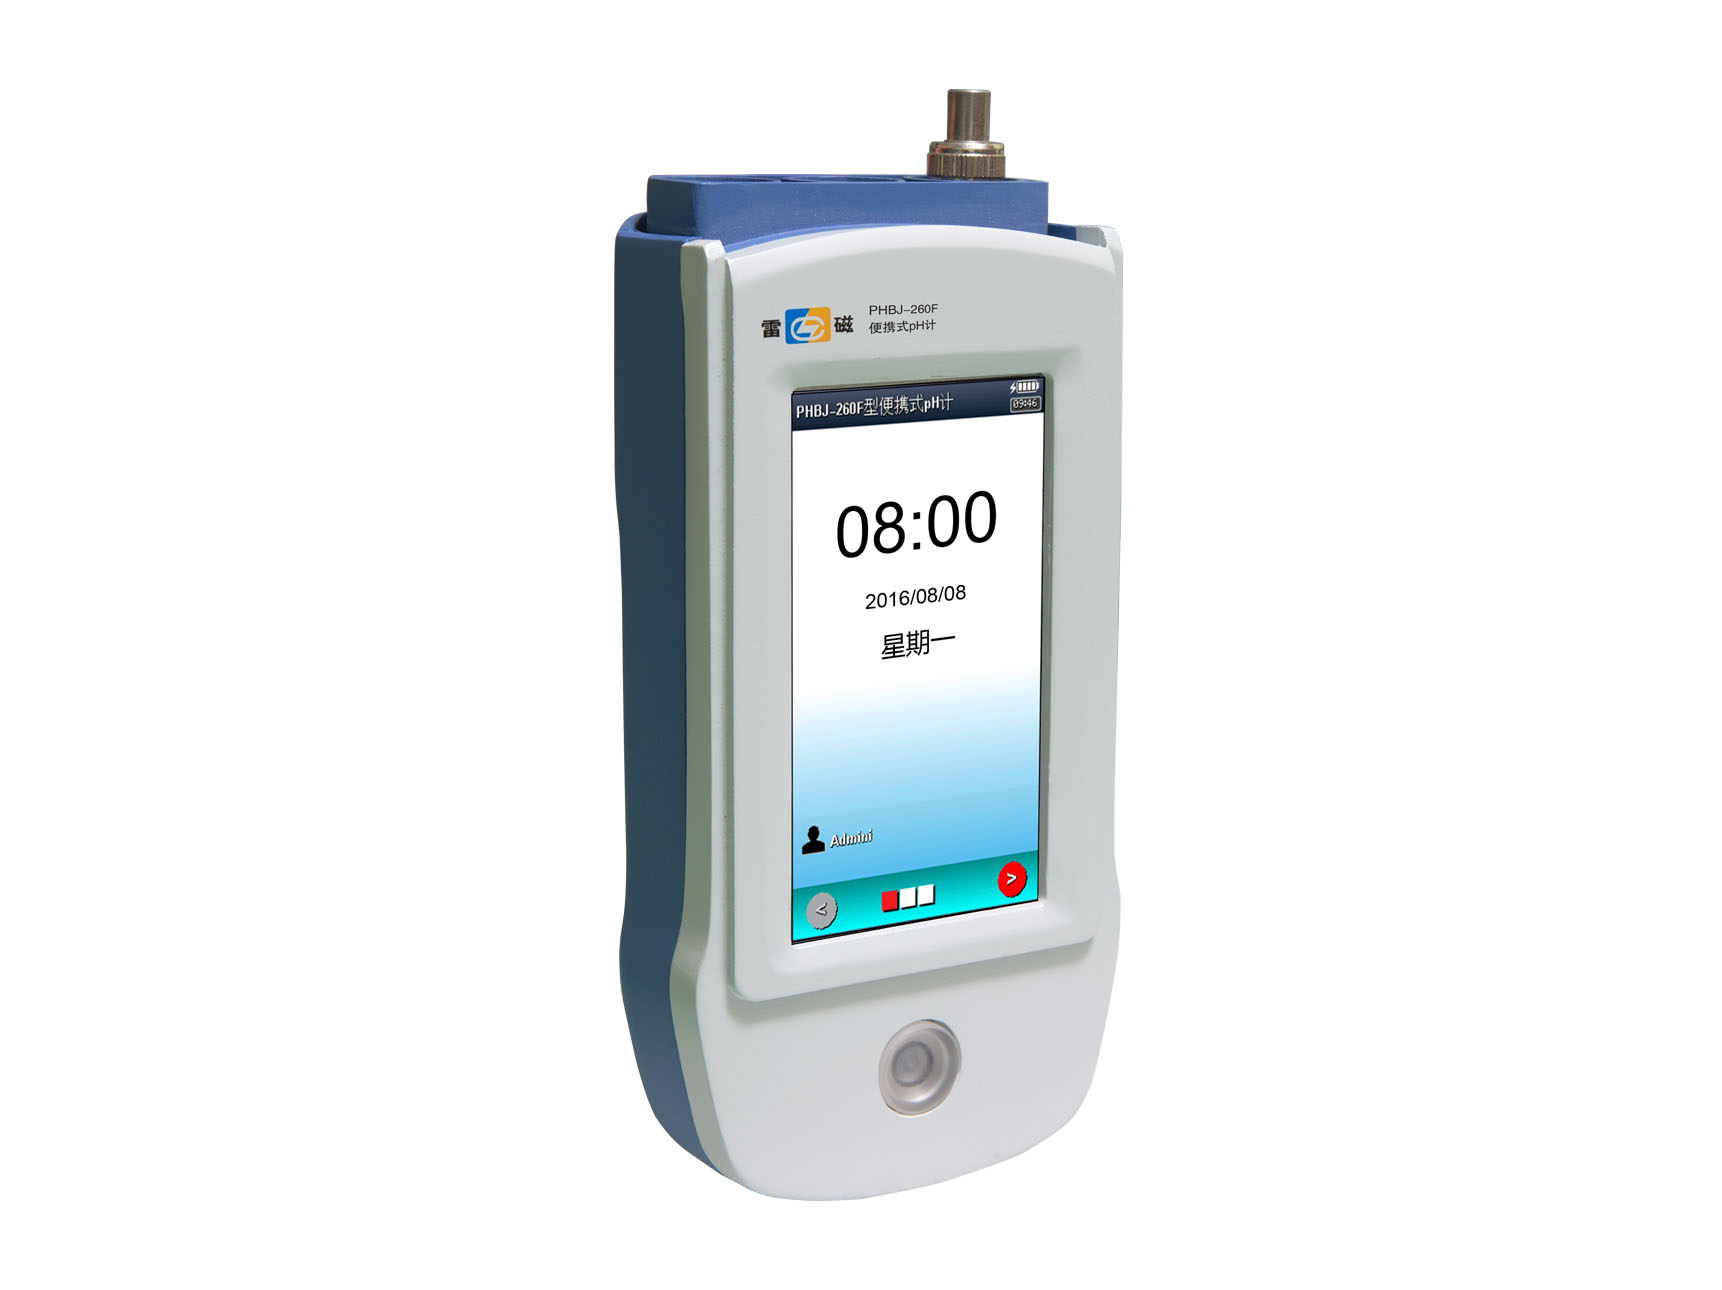 上海雷磁 PHBJ-260F便携式pH计